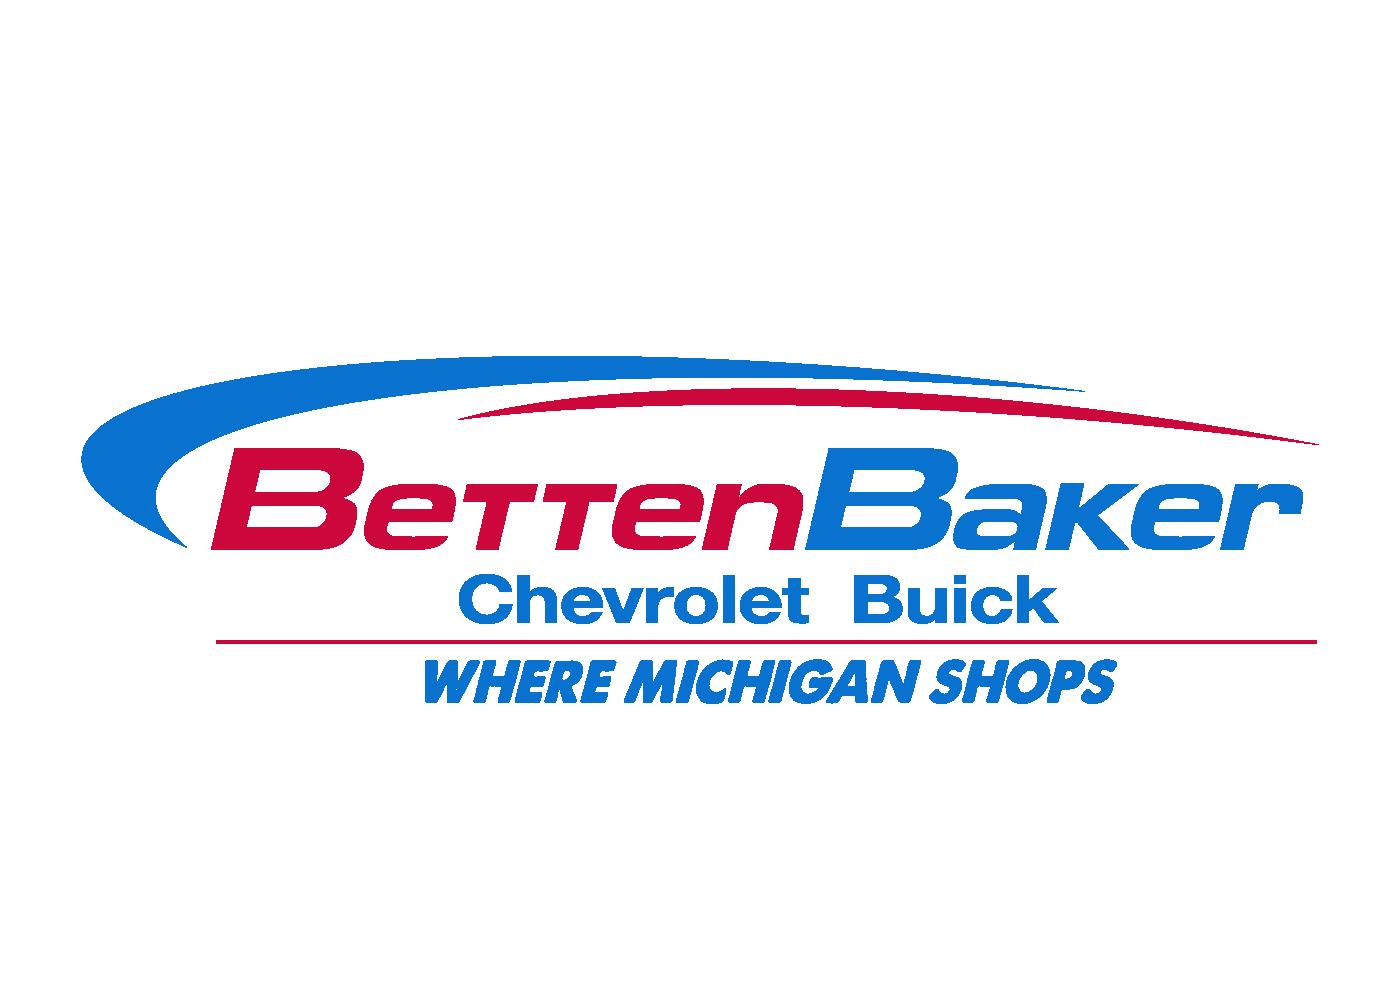 Betten Baker